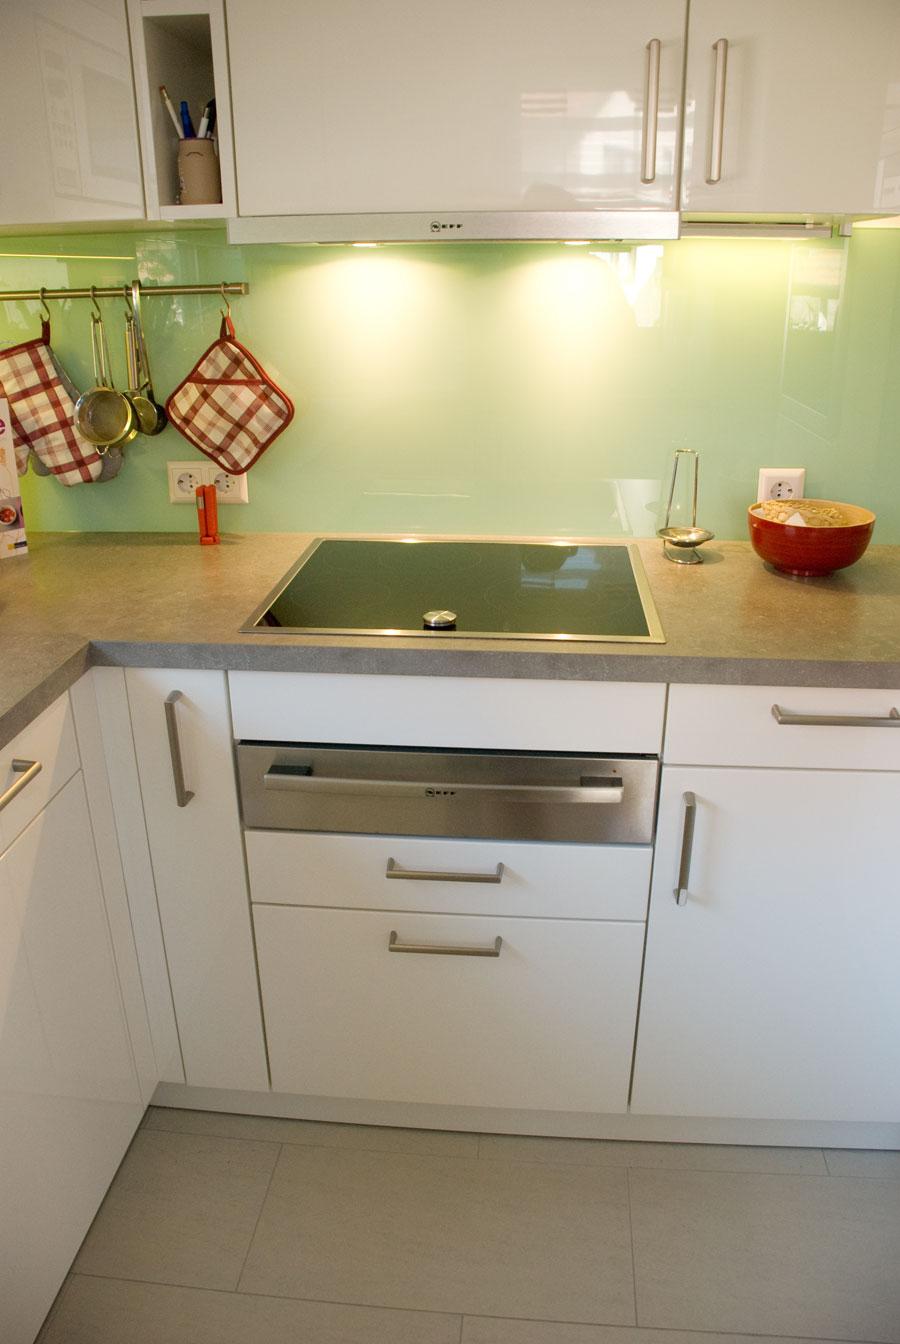 kche auf kleinstem raum trendy kuche kleiner raum zentraler punkt dieser wohnung ist der groae. Black Bedroom Furniture Sets. Home Design Ideas